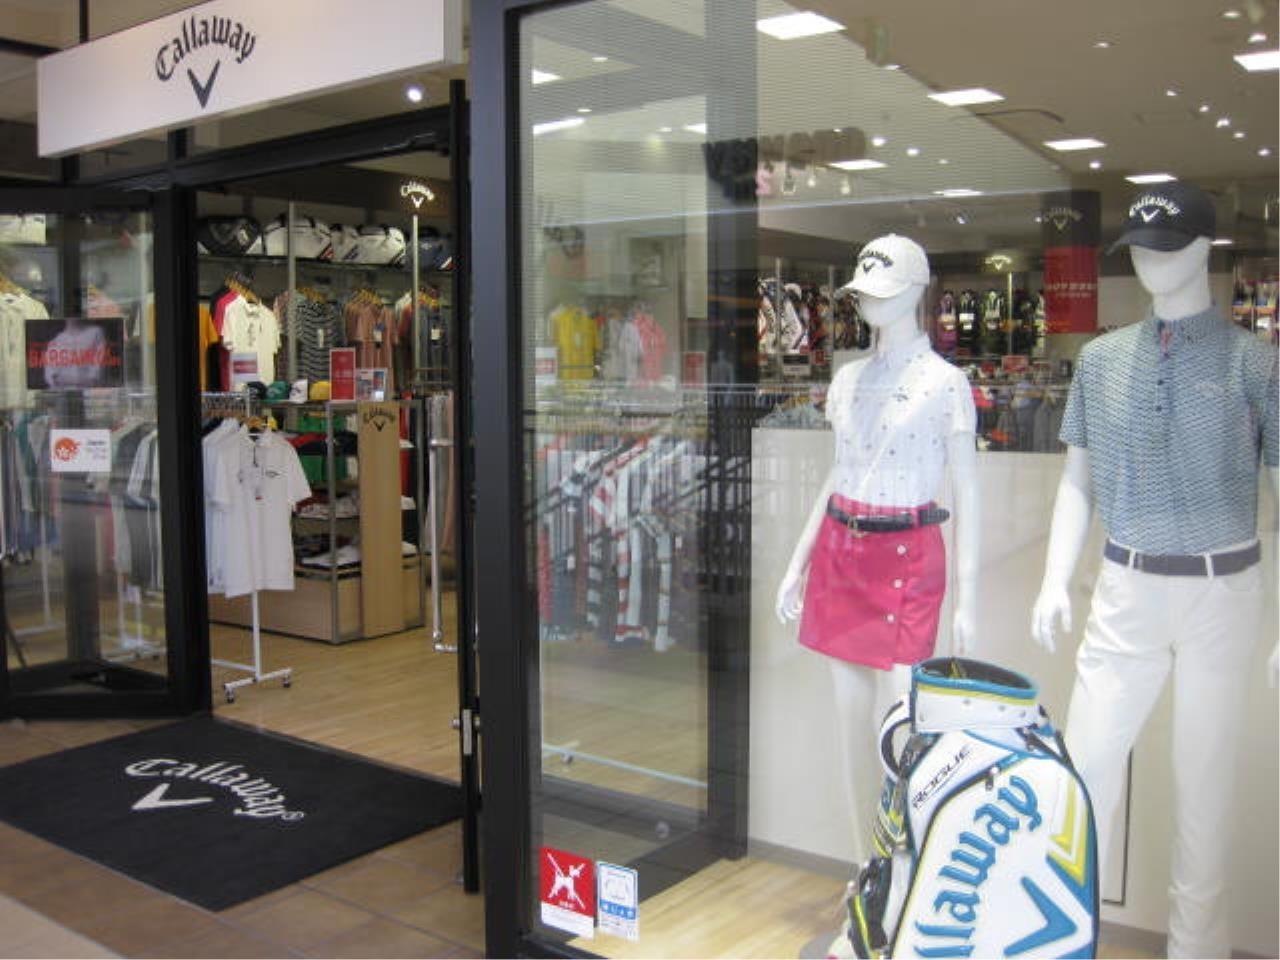 ゴルフ好きにはたまらない◎キャロウェイアウトレットショップでの接客・販売